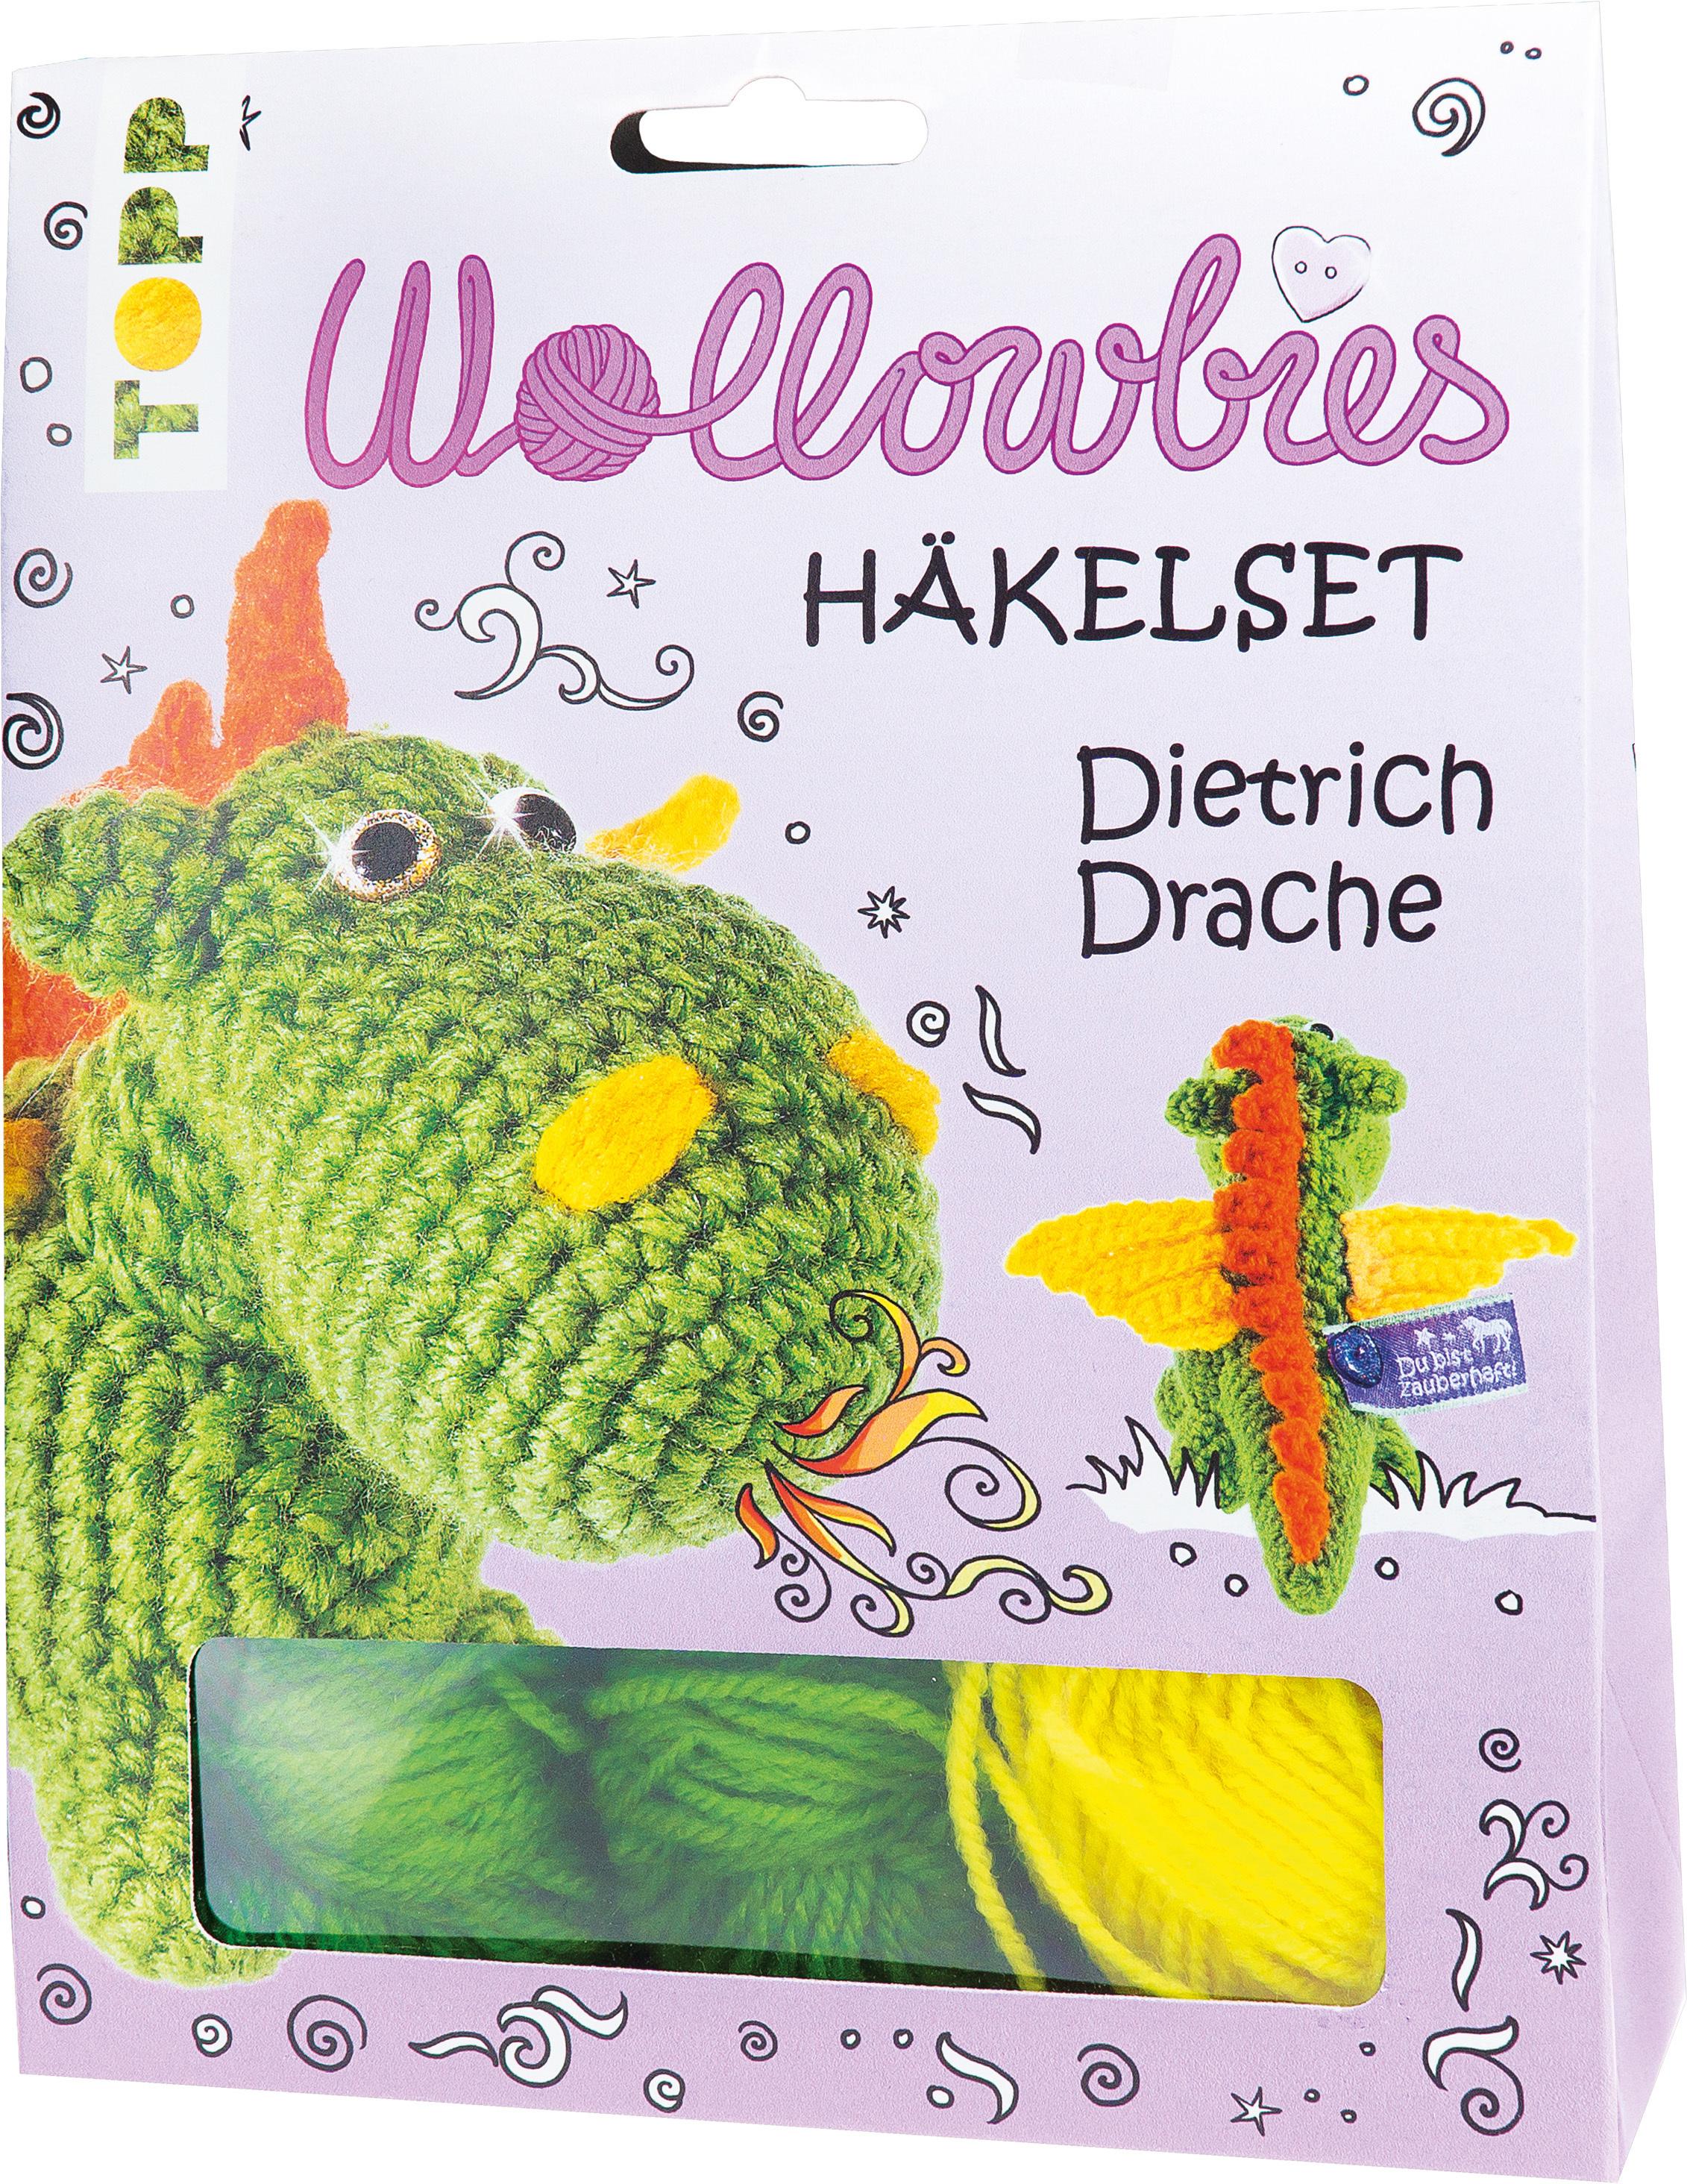 Fabelhafte Wollowbies Häkelset Dietrich Drache Geschenke Unter 10